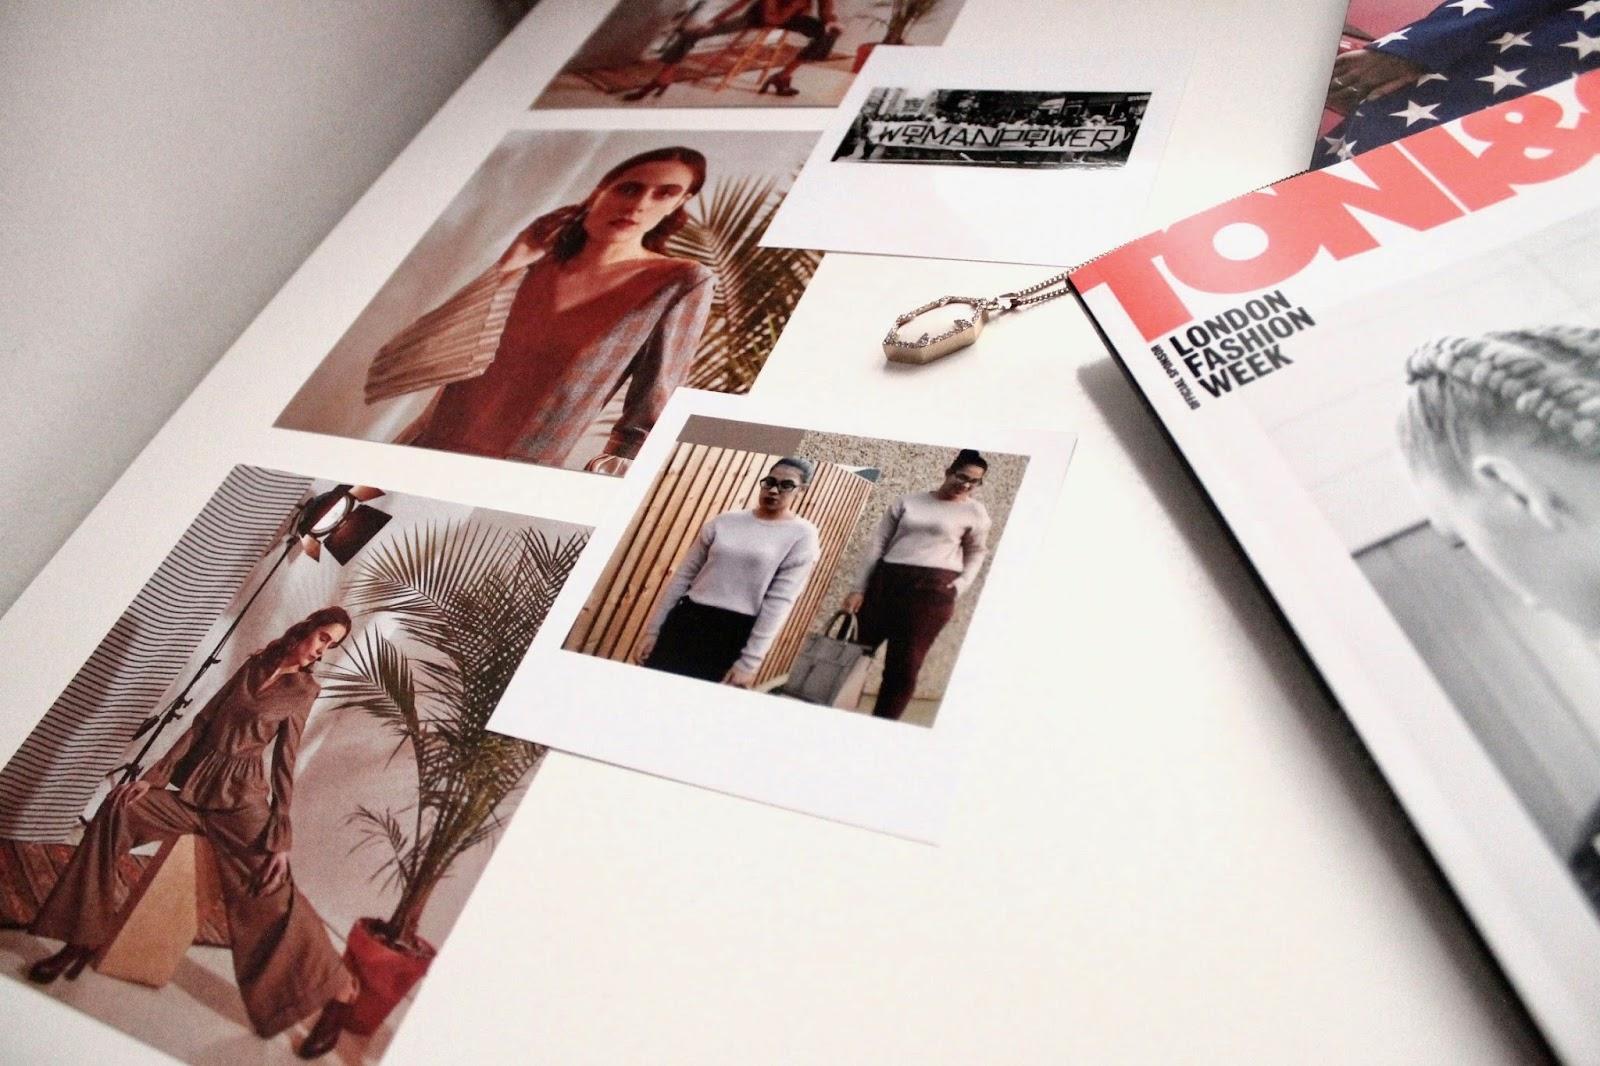 London Fashion Week Prints & Printiki